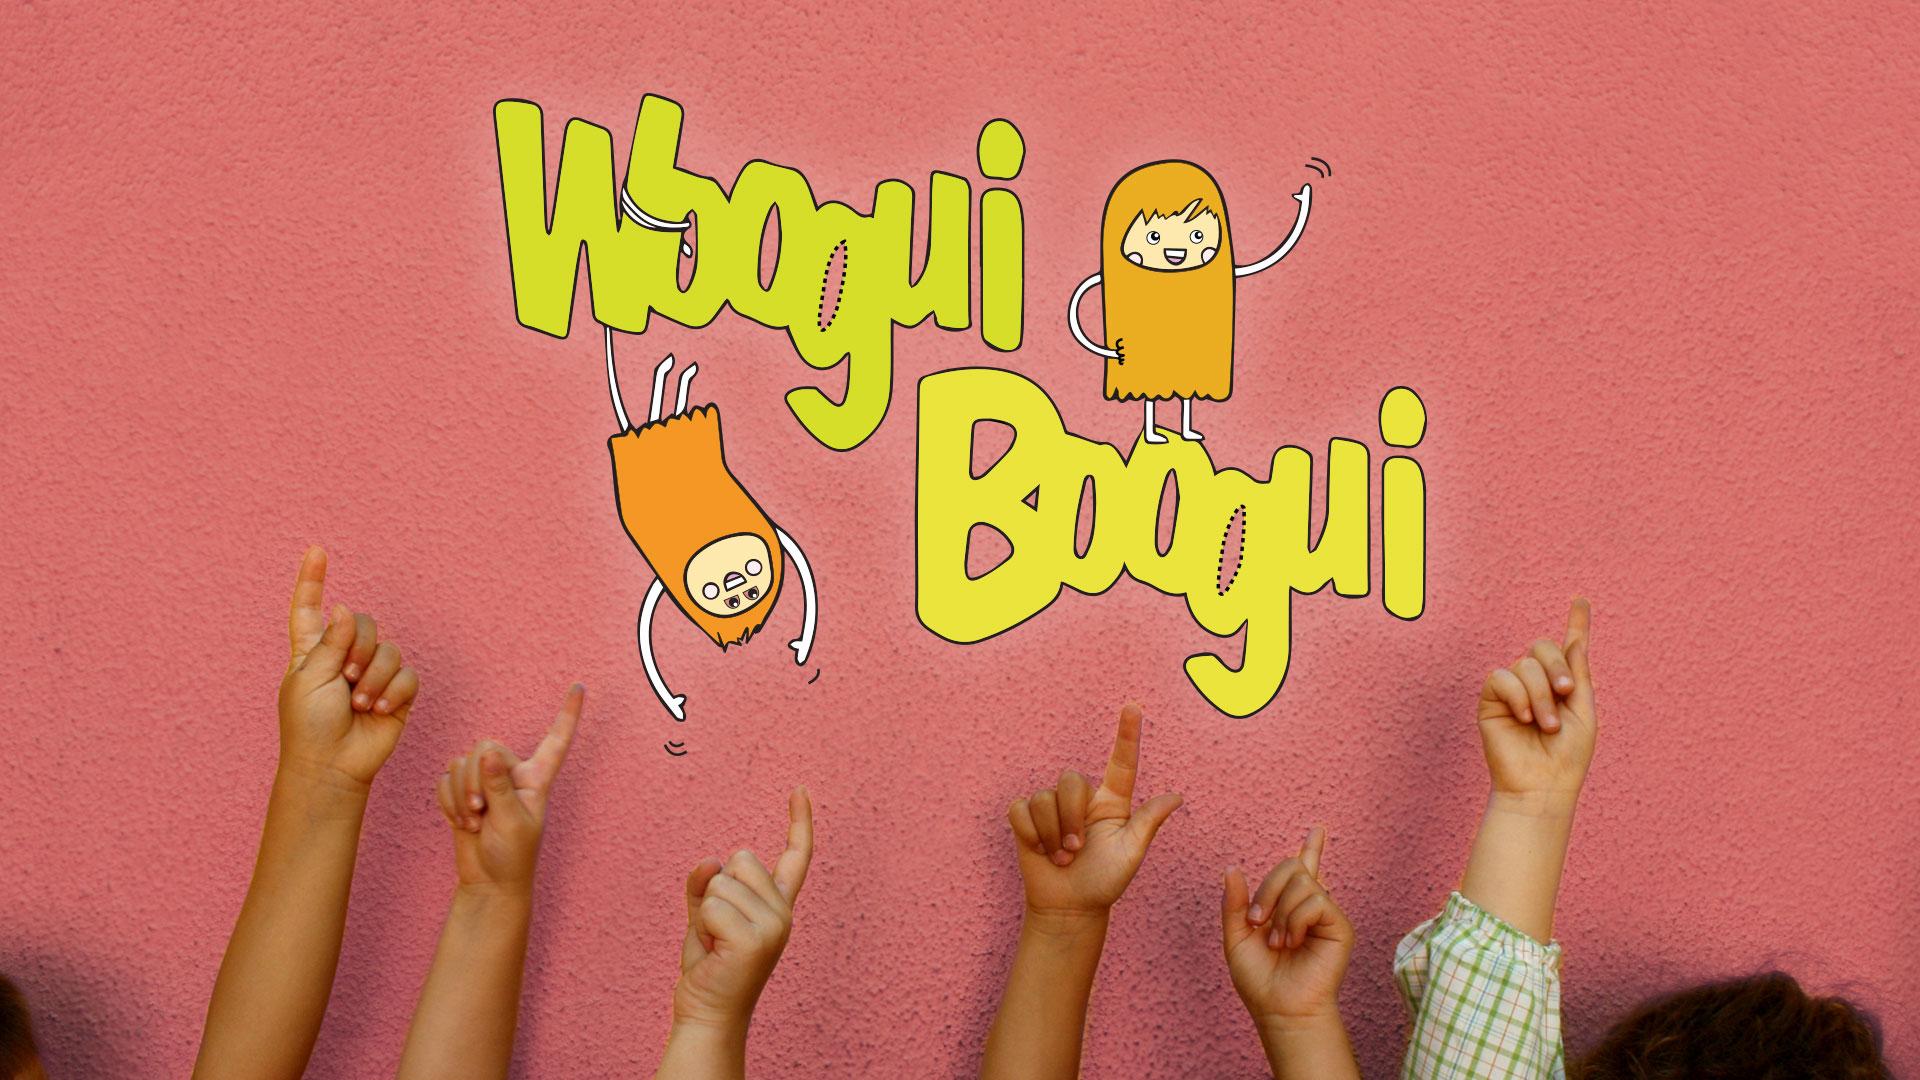 Colégio Woogui Boogui